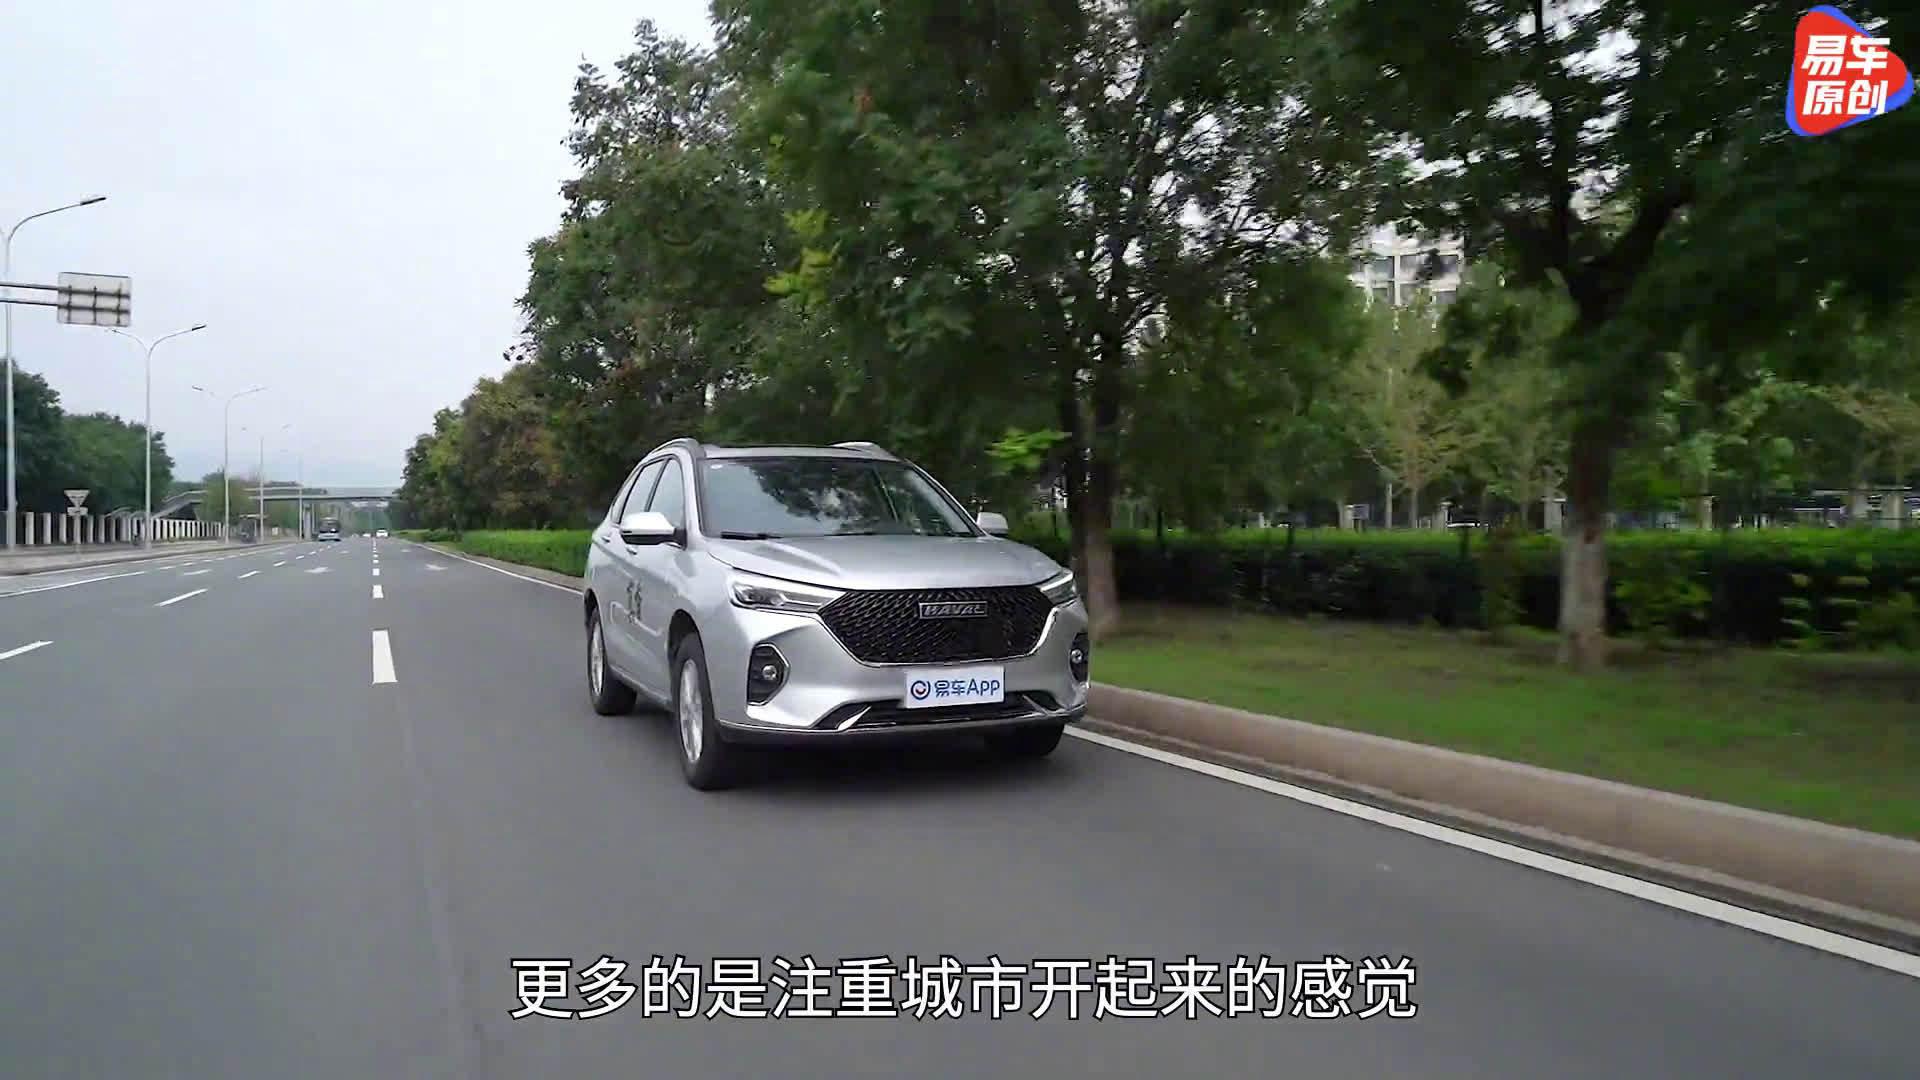 视频:7万级别SUV销冠,看看哈弗M6 PLUS到底有多实惠